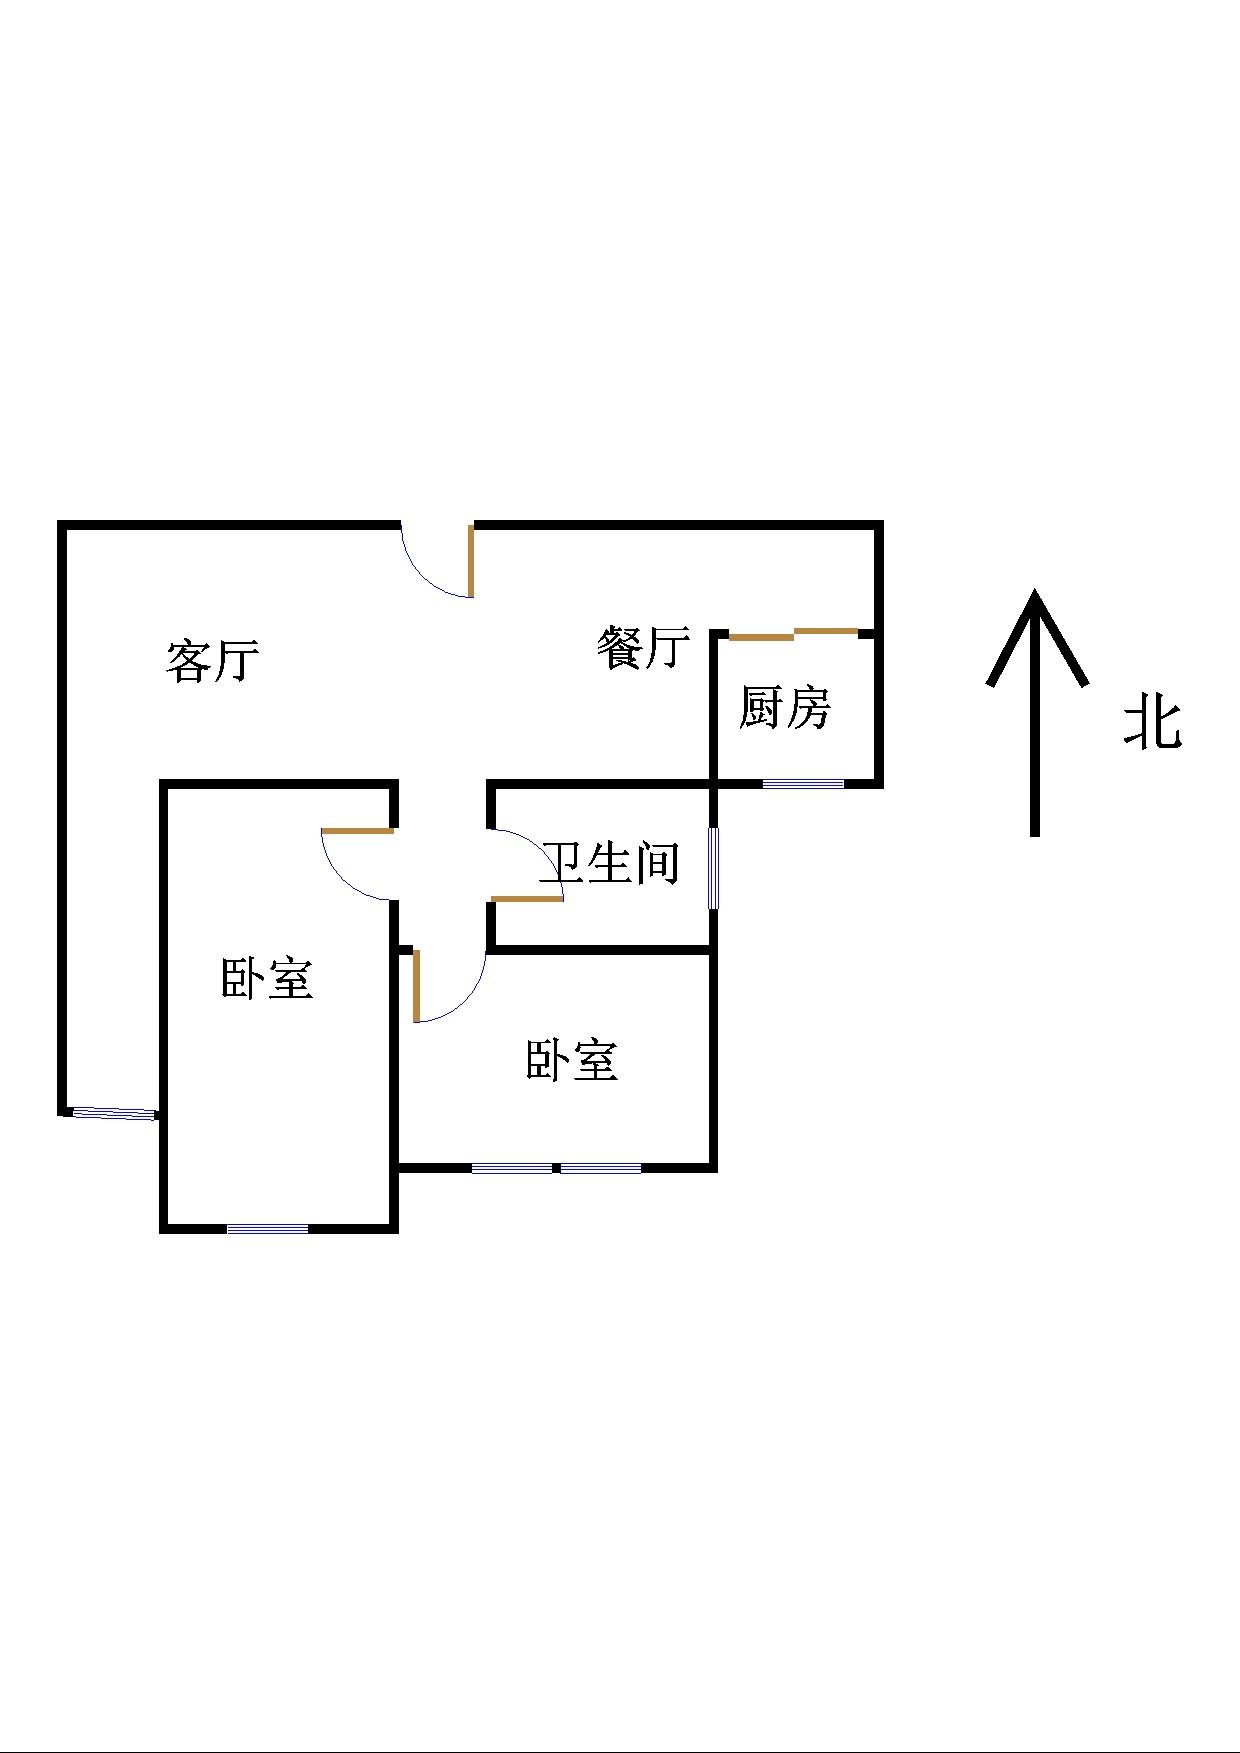 盛世华园 2室1厅 17楼